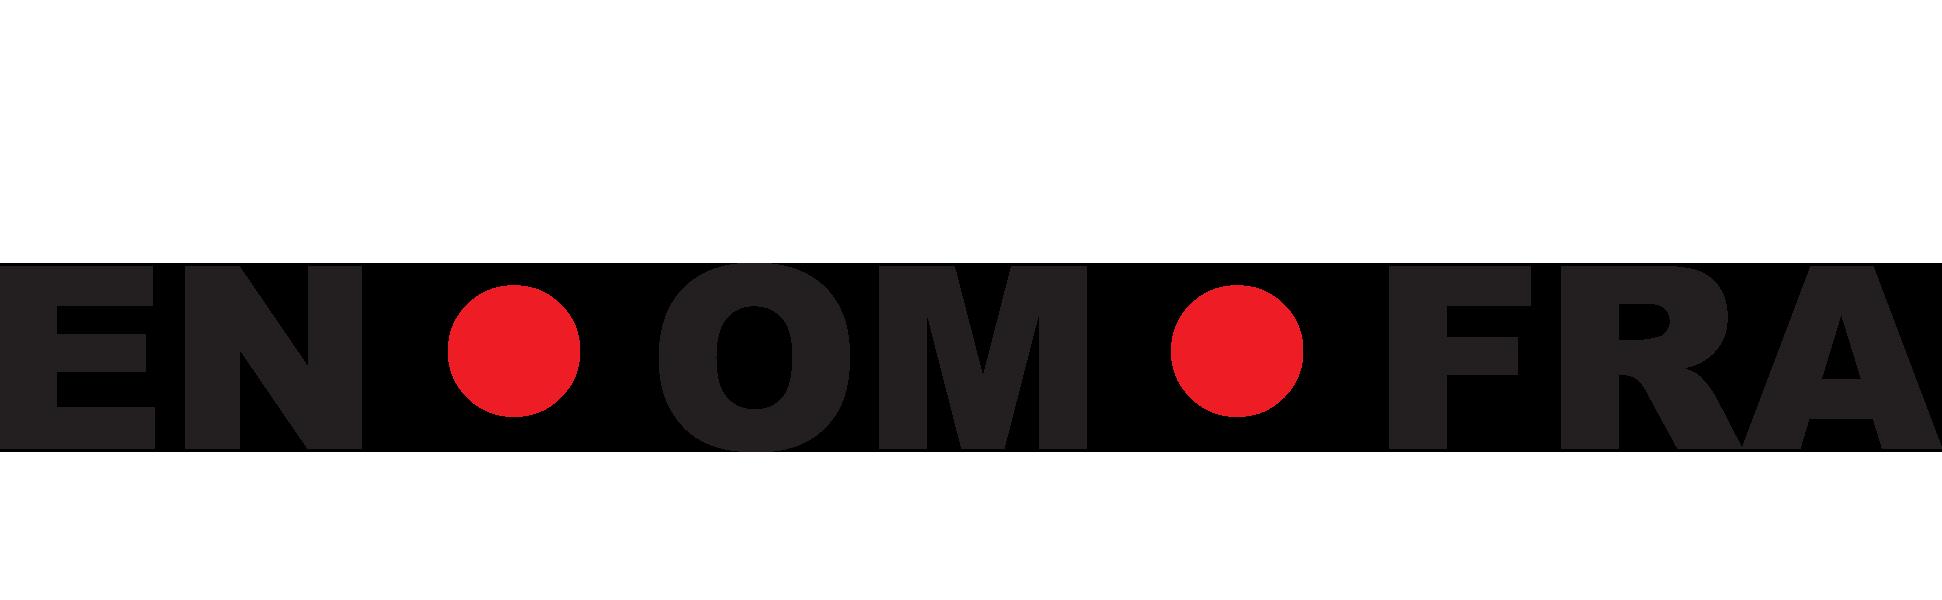 Logo Enomfra